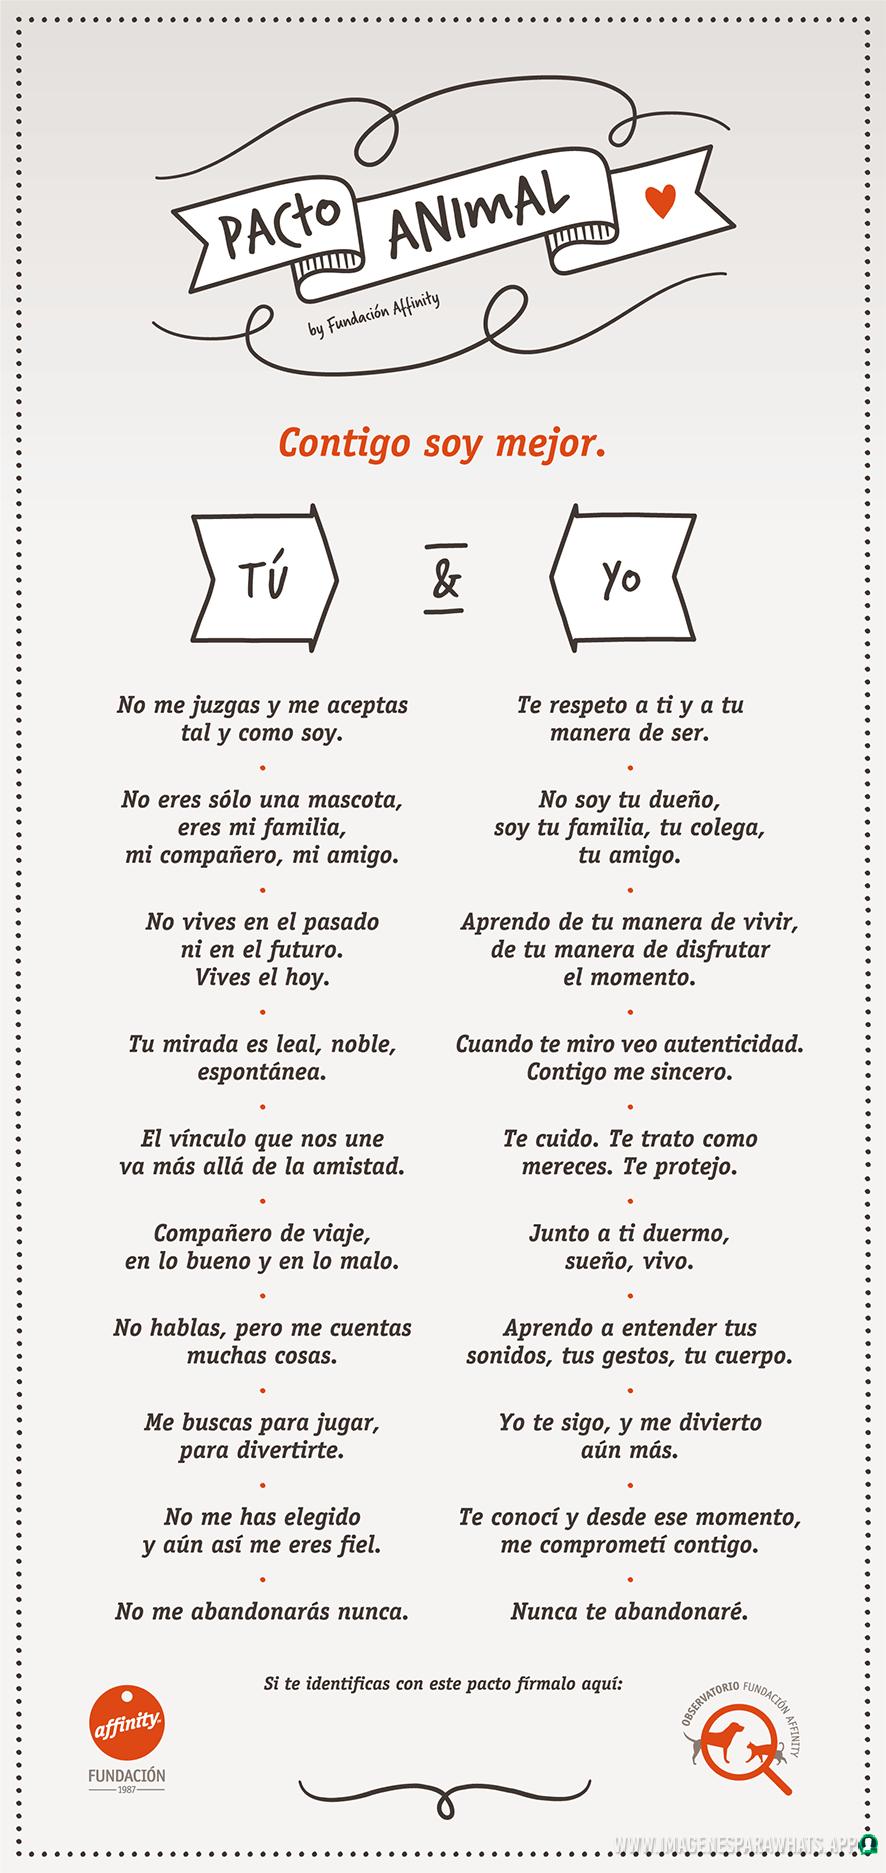 Frases-de-perros-10